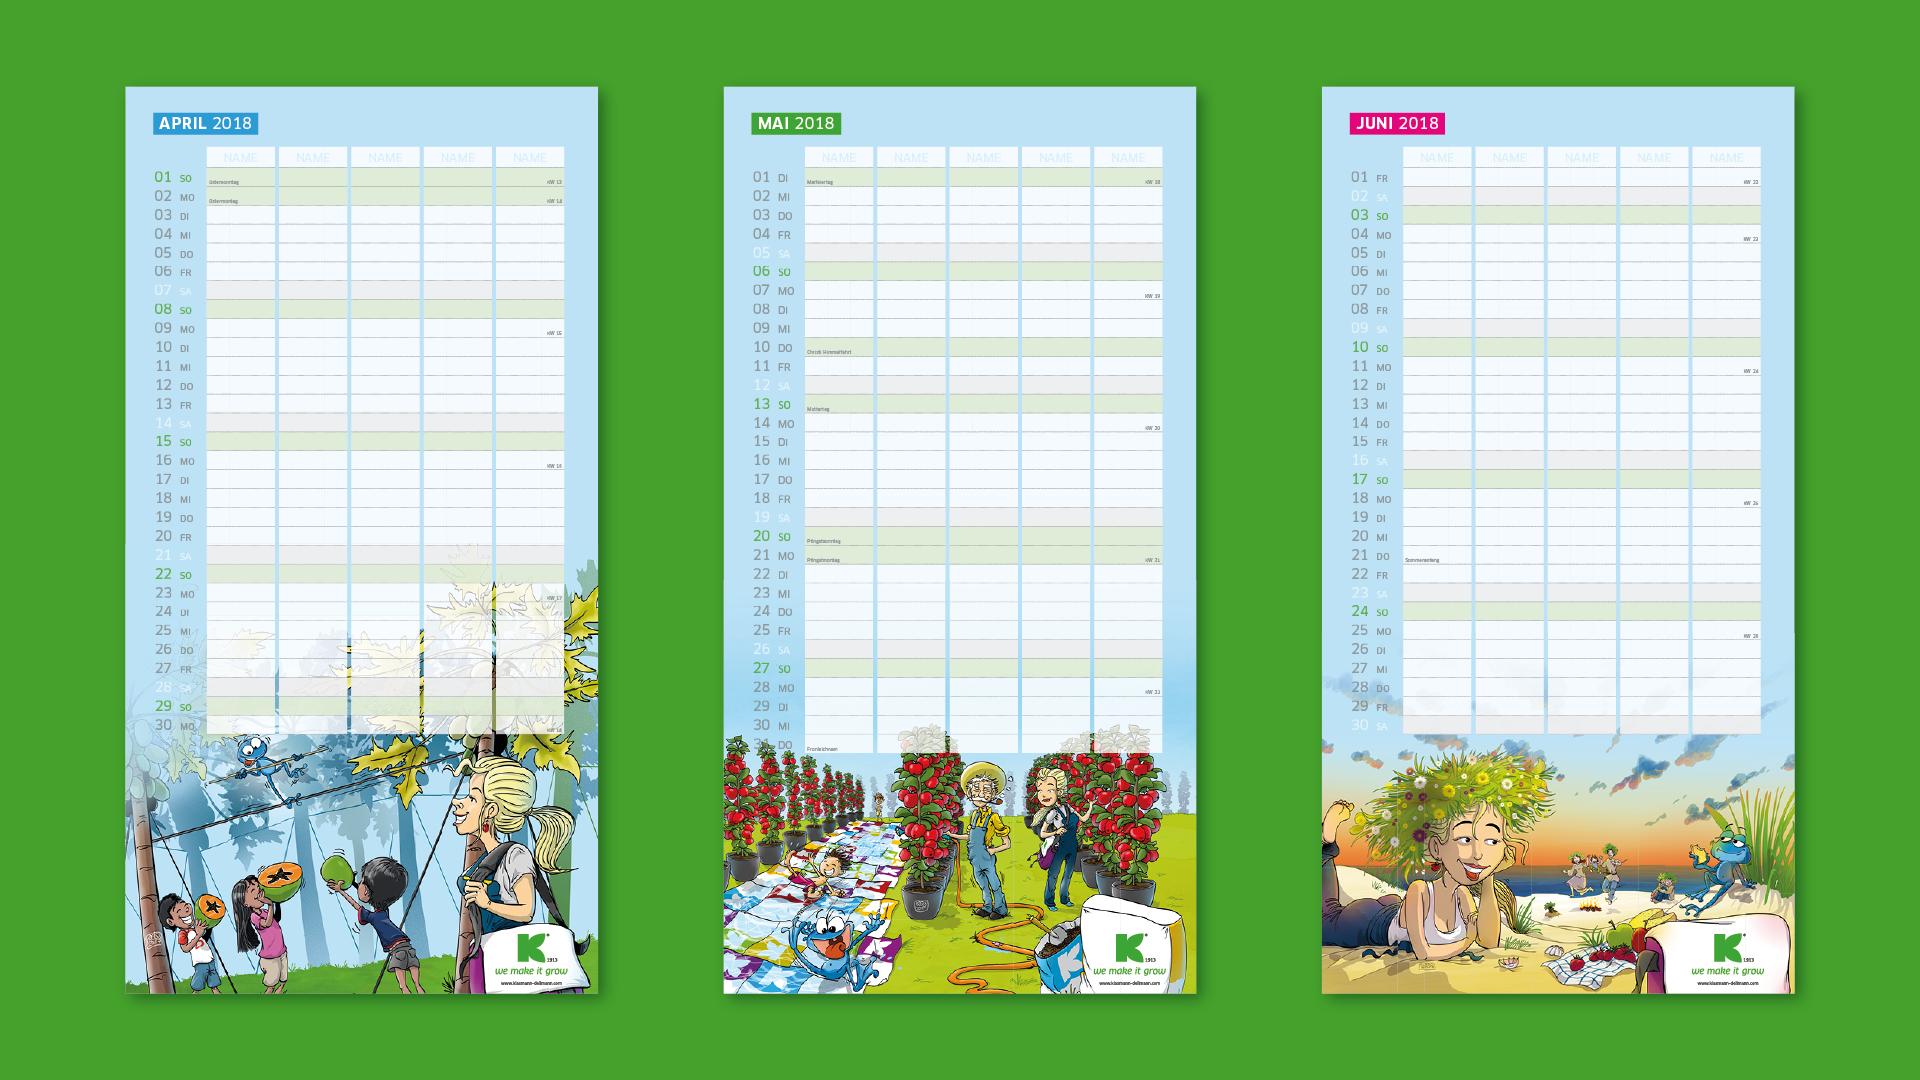 KD Familienplaner Praes Aufb v012 1 - Ein Kalender geht um die Welt – Corporate Design, Grafikdesign, Kommunikationsdesign, Branding, Markenentwicklung, Illustration